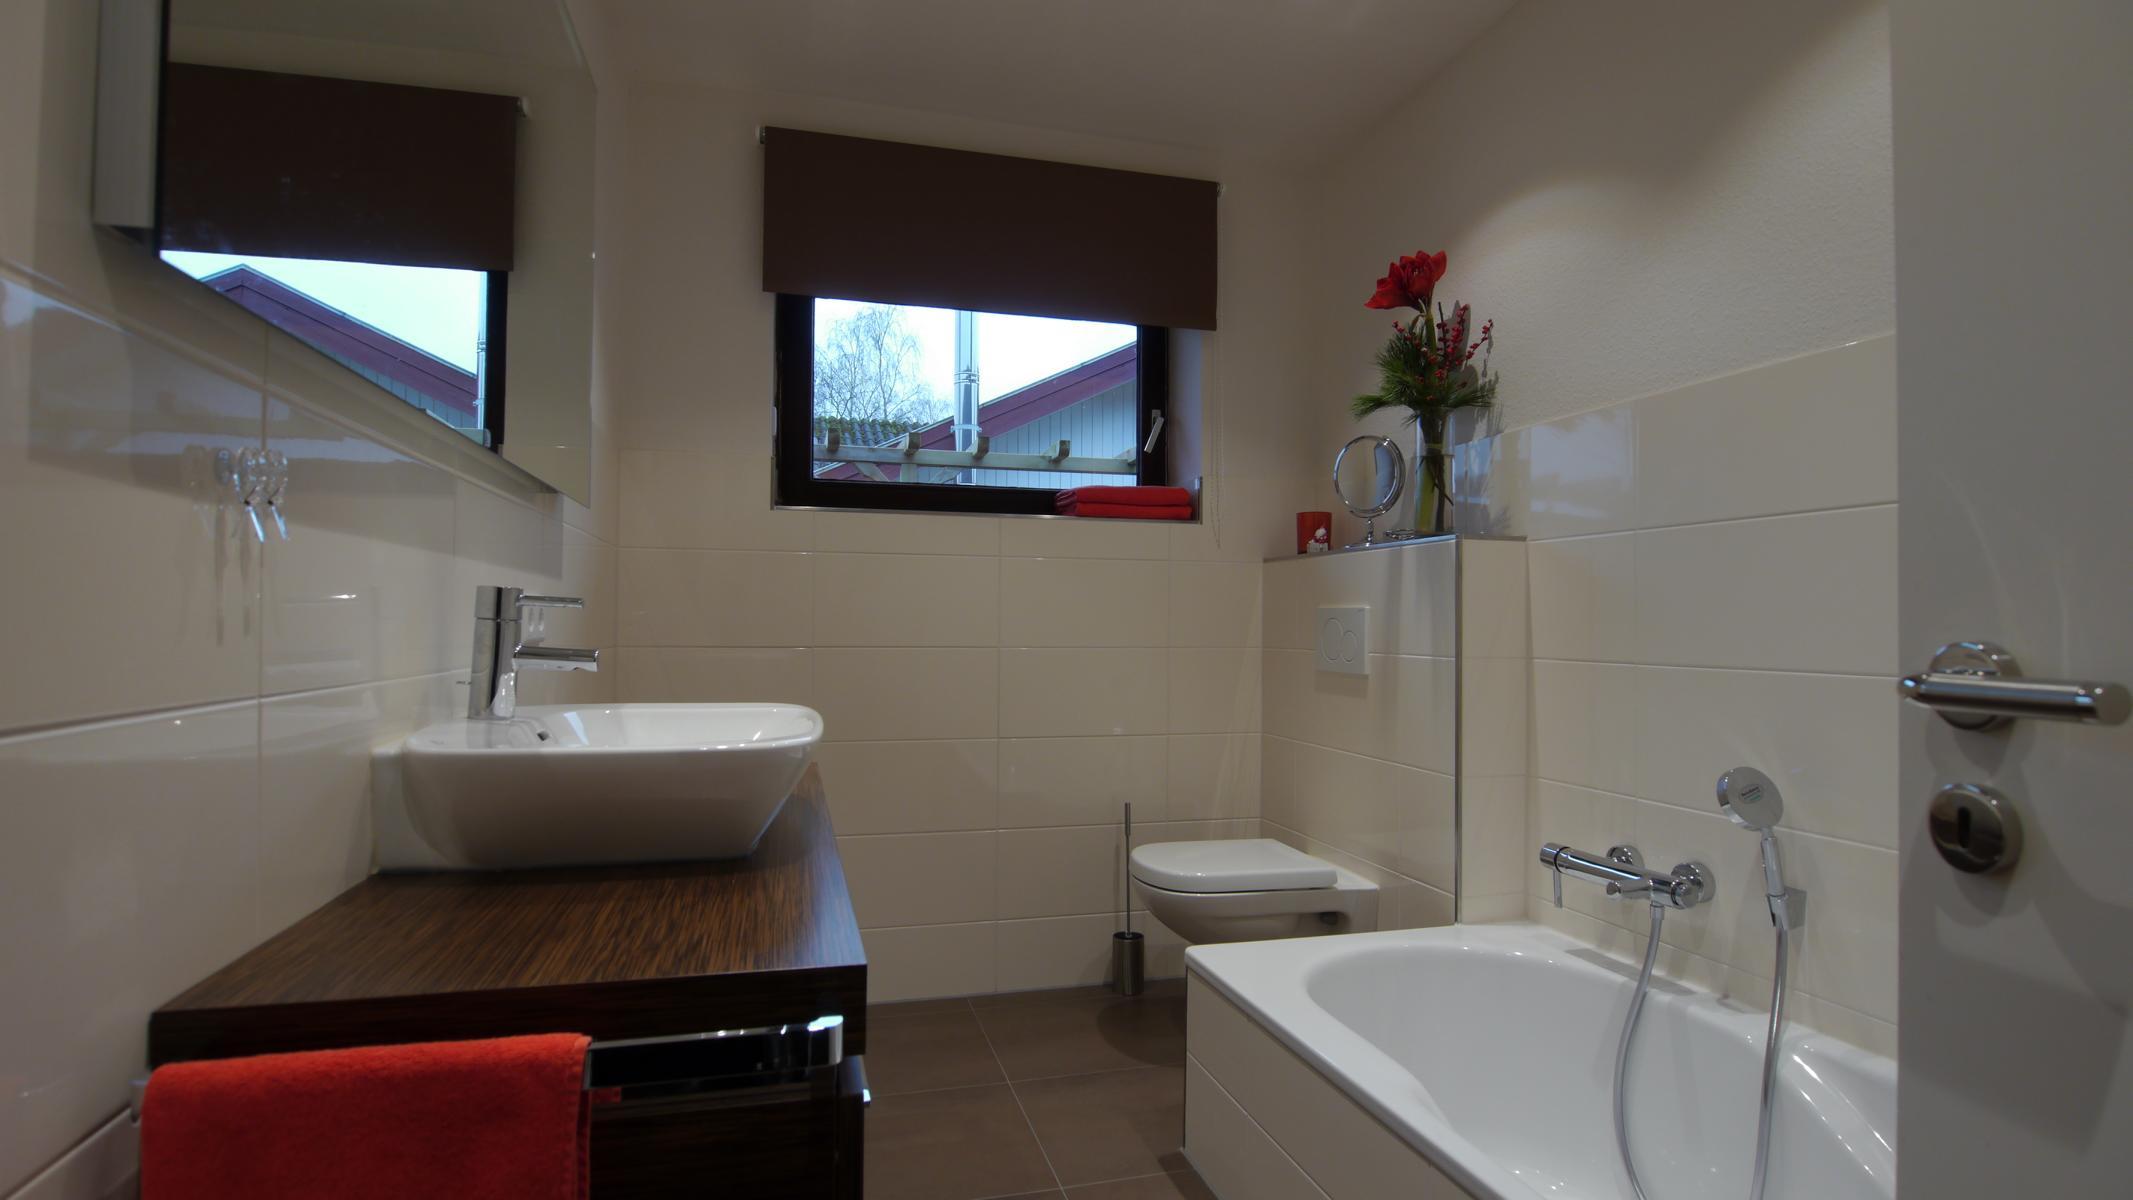 badezimmer mit regendusche ferienhaus familientreff ostsee. Black Bedroom Furniture Sets. Home Design Ideas